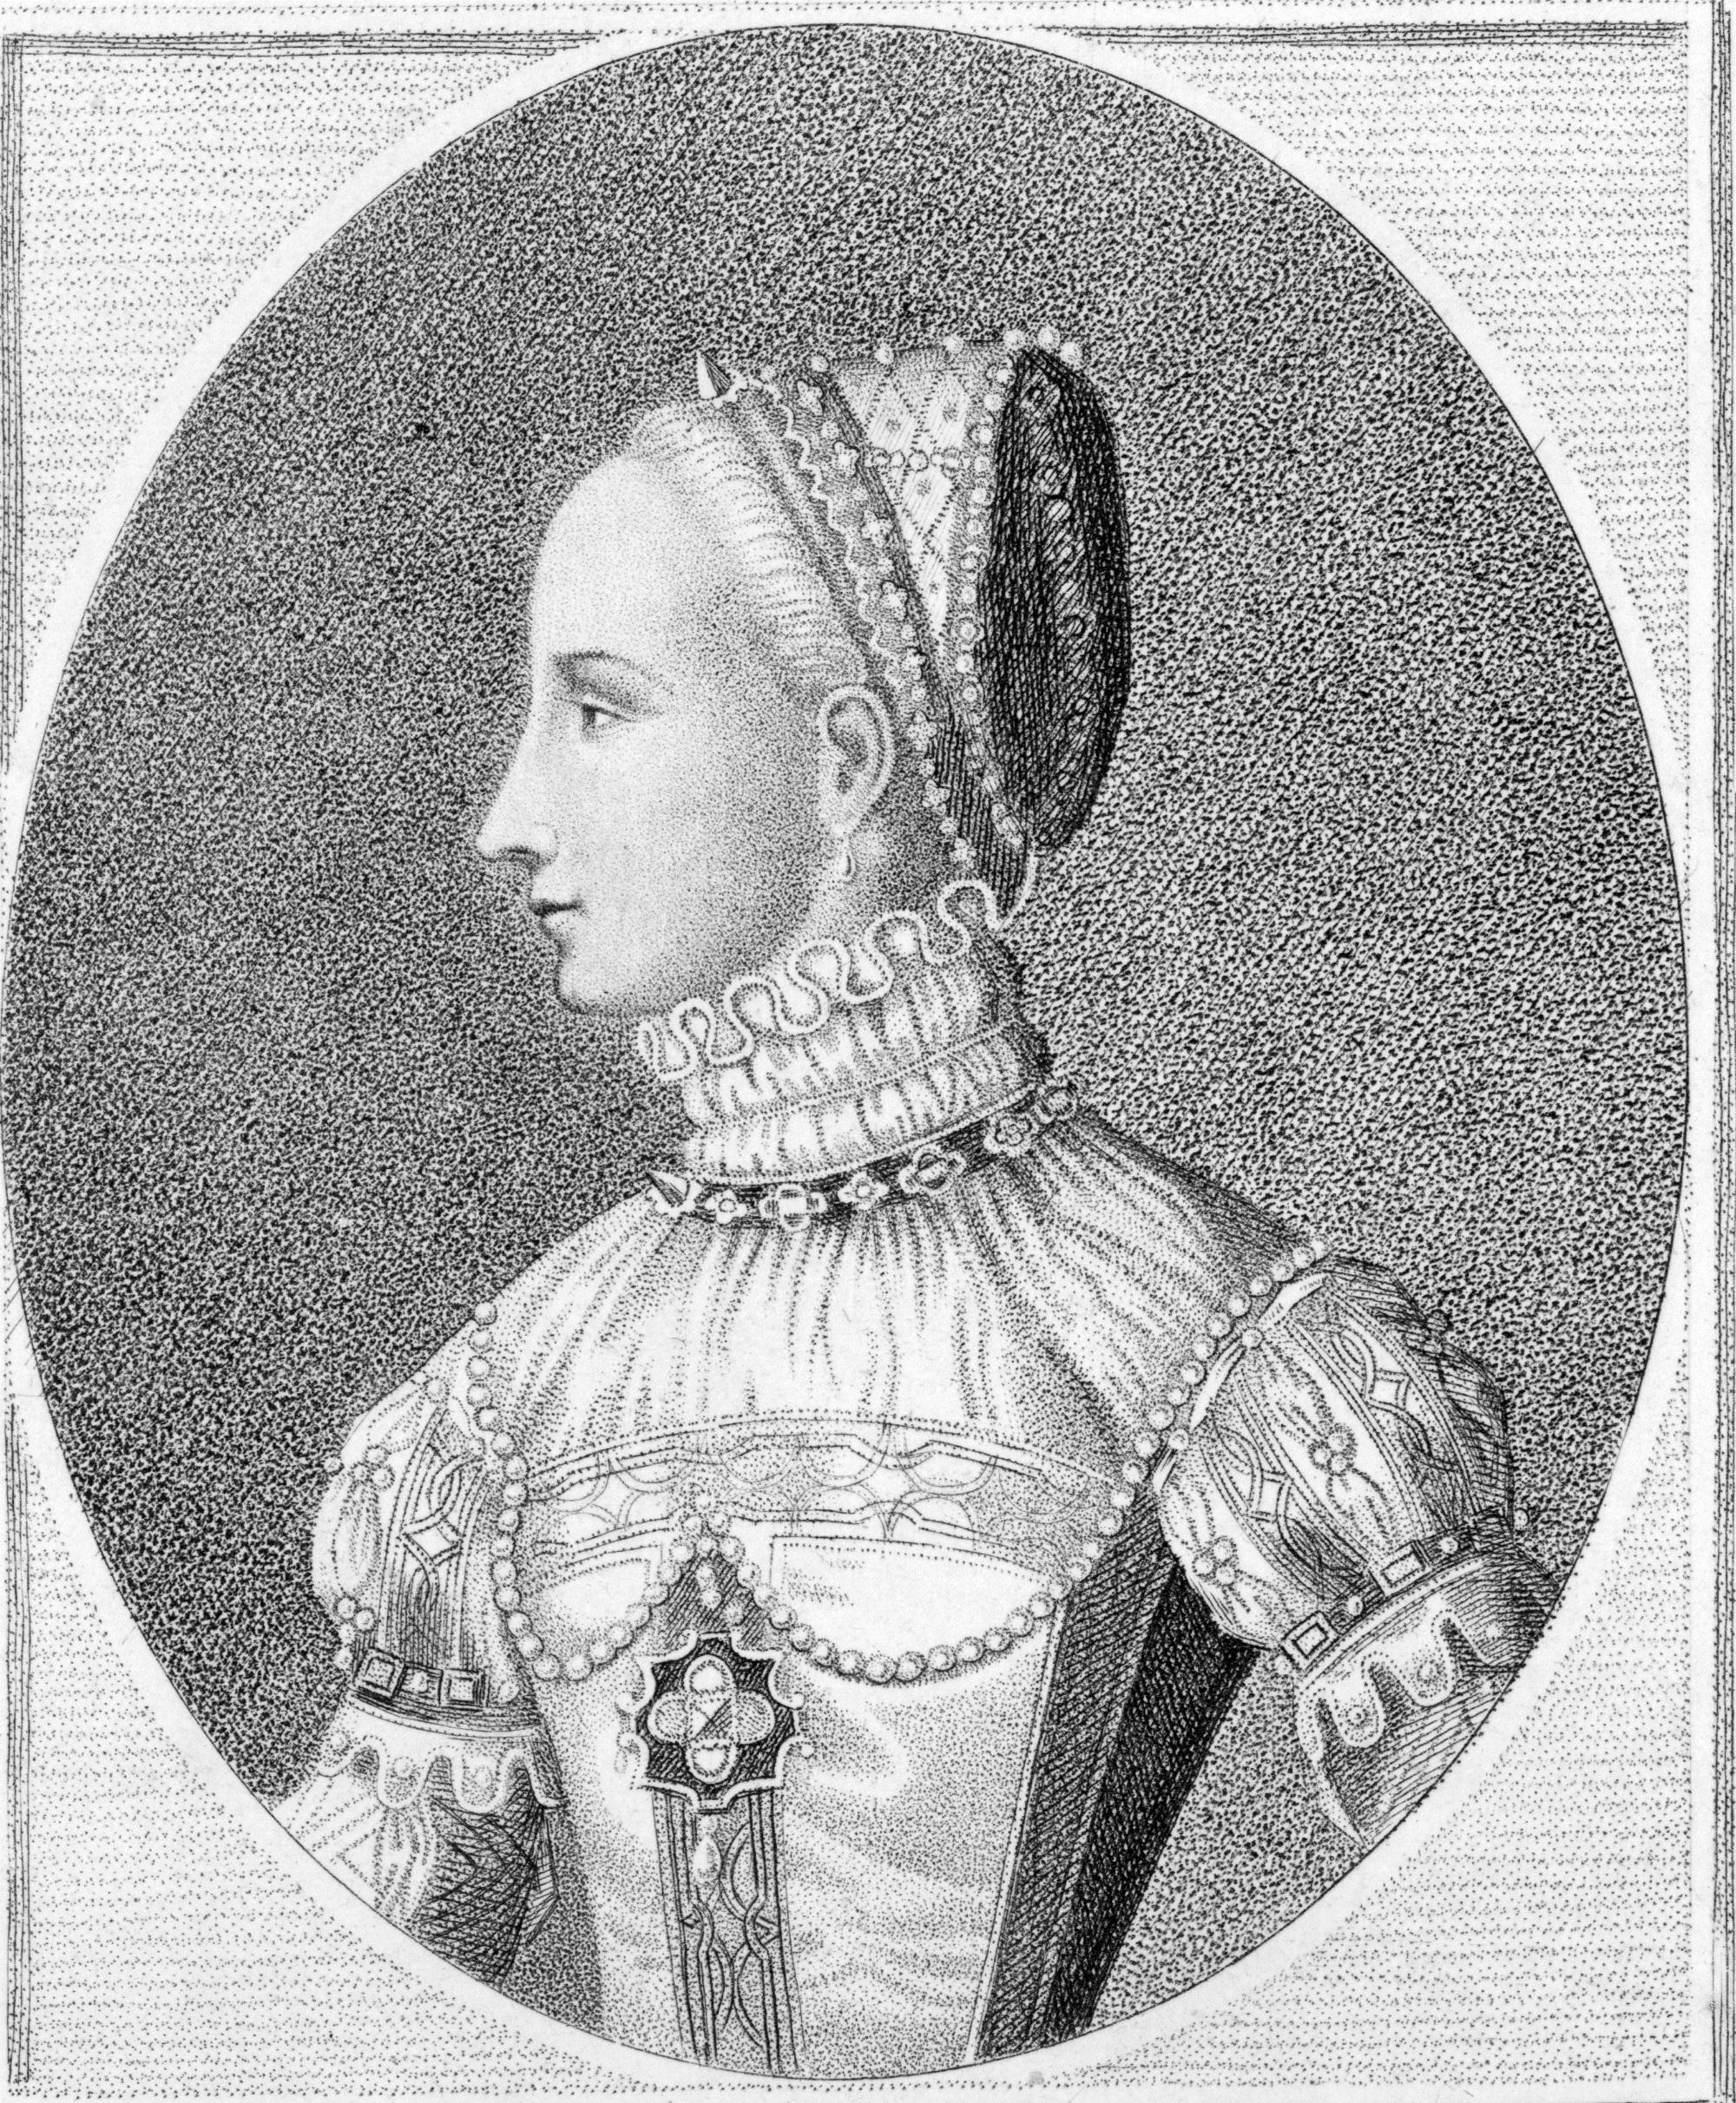 Мария Стюарт, кралица на Шотландия, е първата жена, играла голф.